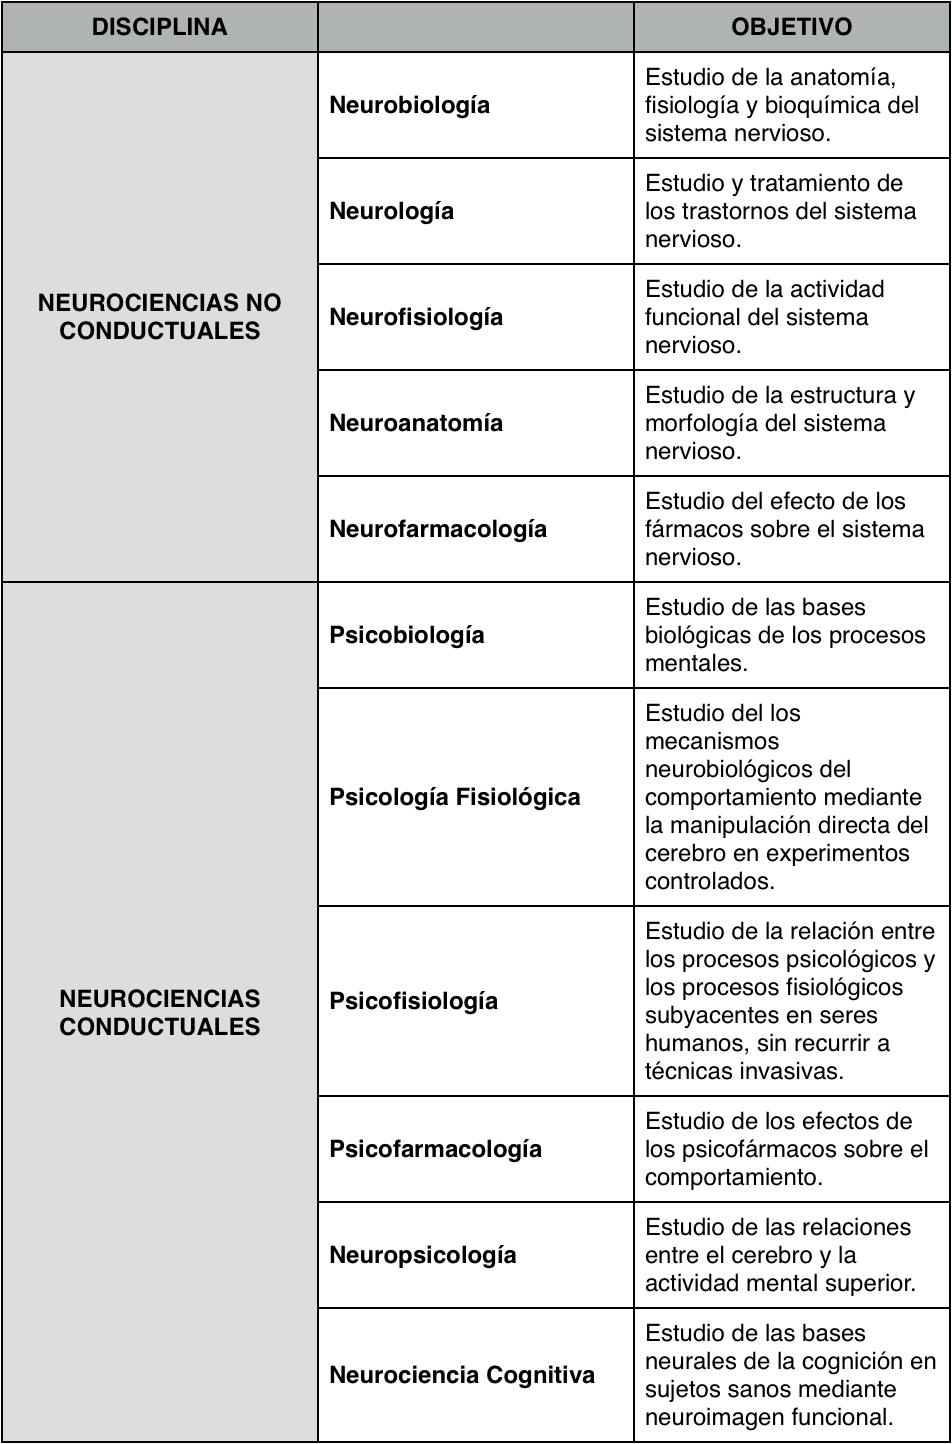 Neurociencia y Plasticidad Cerebral: 2012